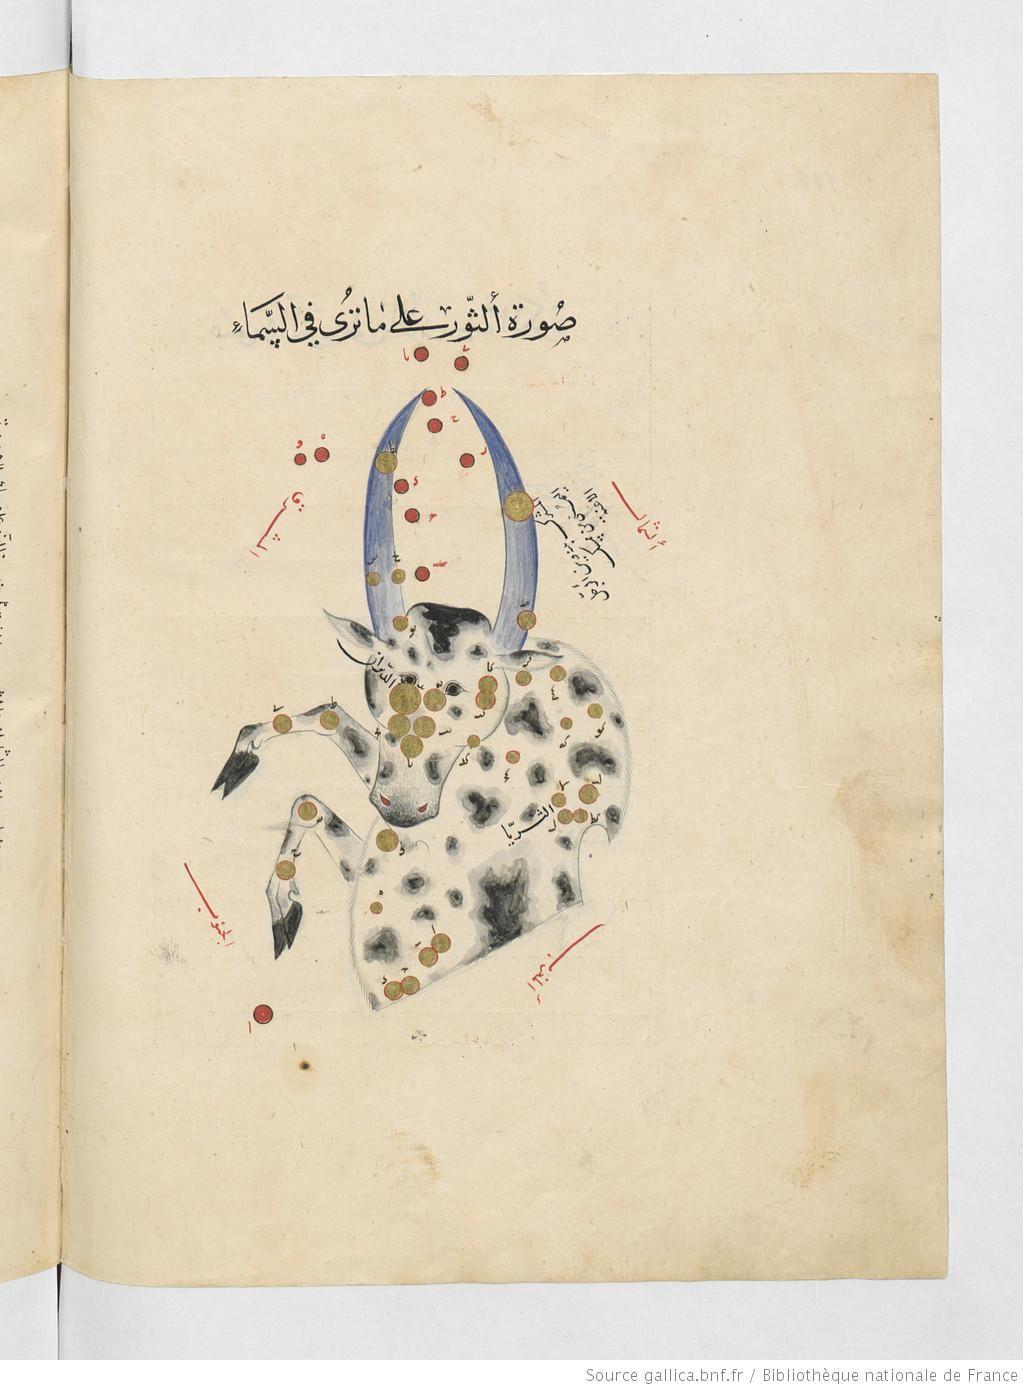 عبد الرحمن بن عمر الصوفي كتاب صور الكواكب الثابتة Bibliotheque De France Taureau Zodiaque